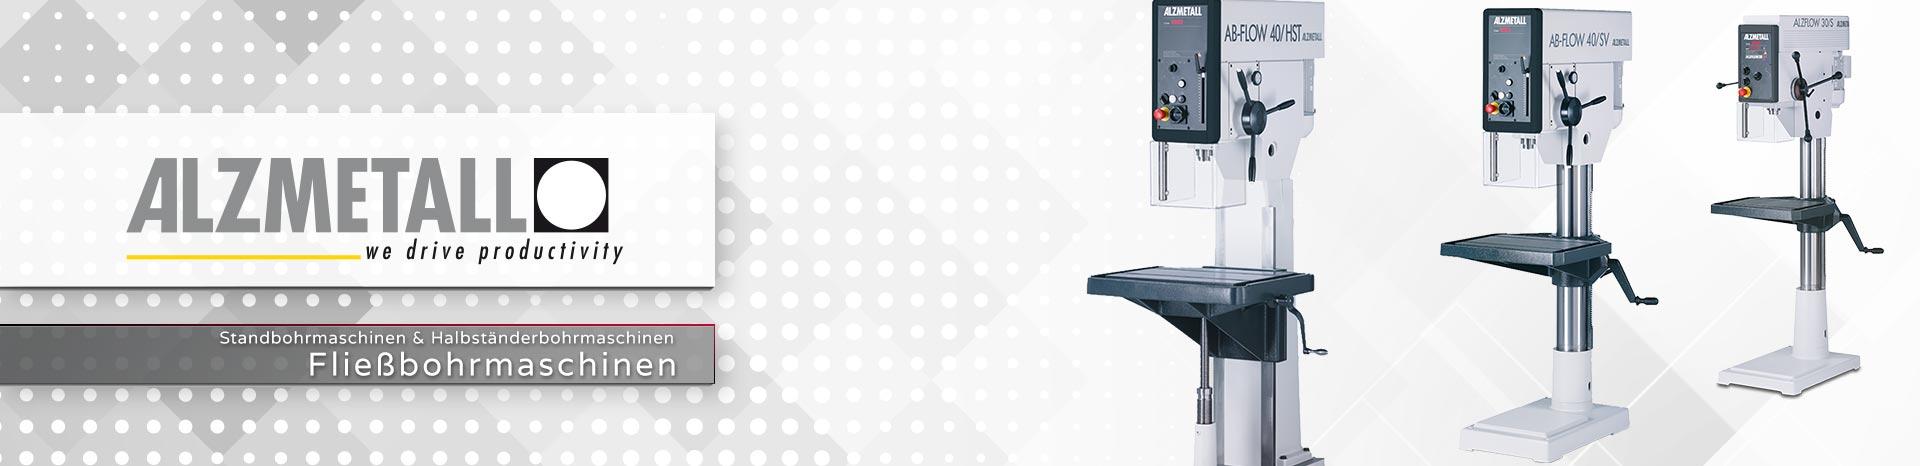 Die ALZFLOW-Serie in der Übersicht | Fließbohrmaschinen